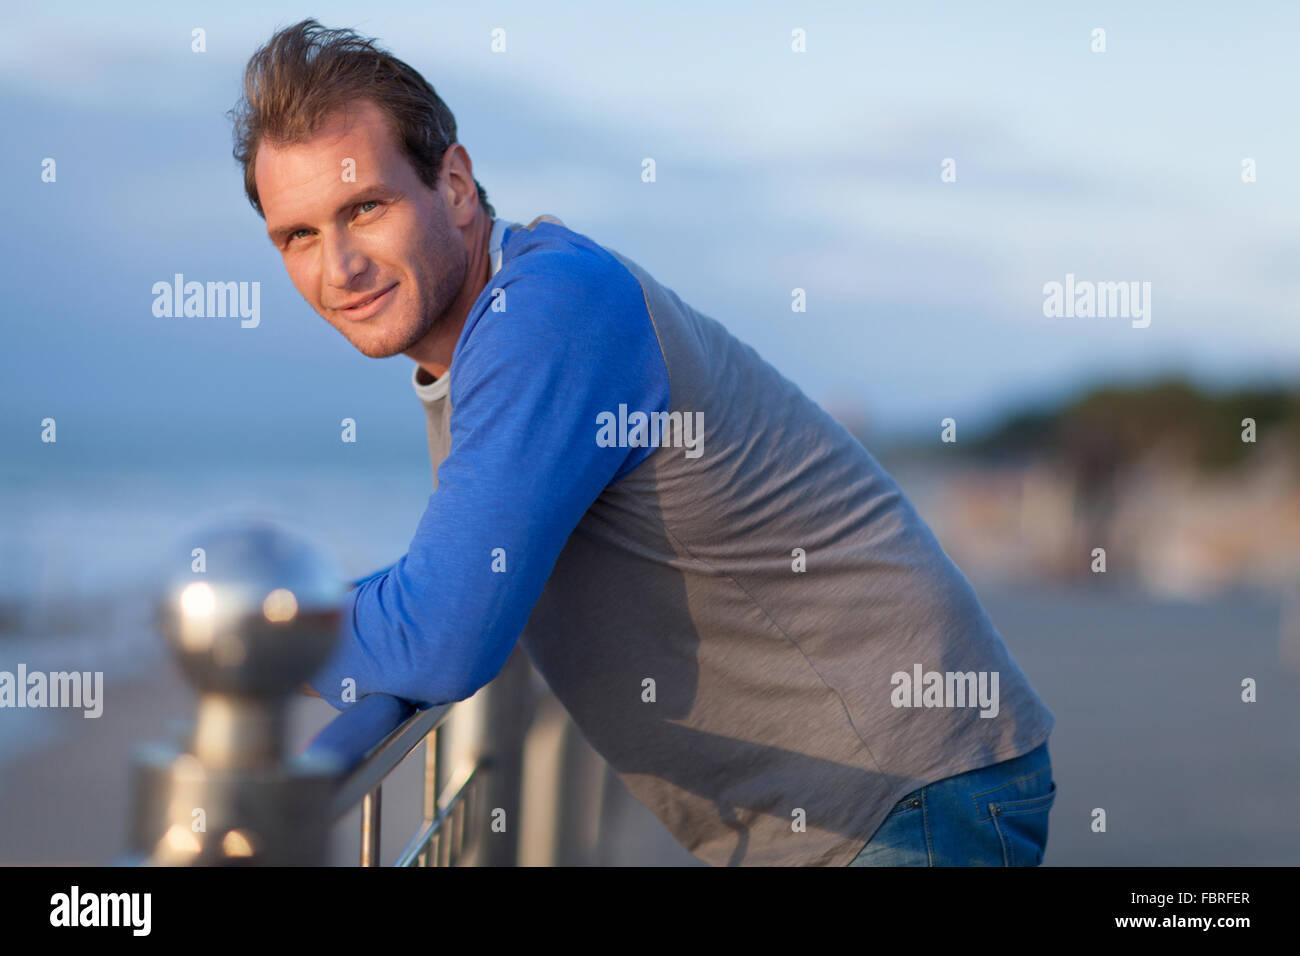 Nachdenklicher Mann Porträt. Outdoor Shooting Stockfoto